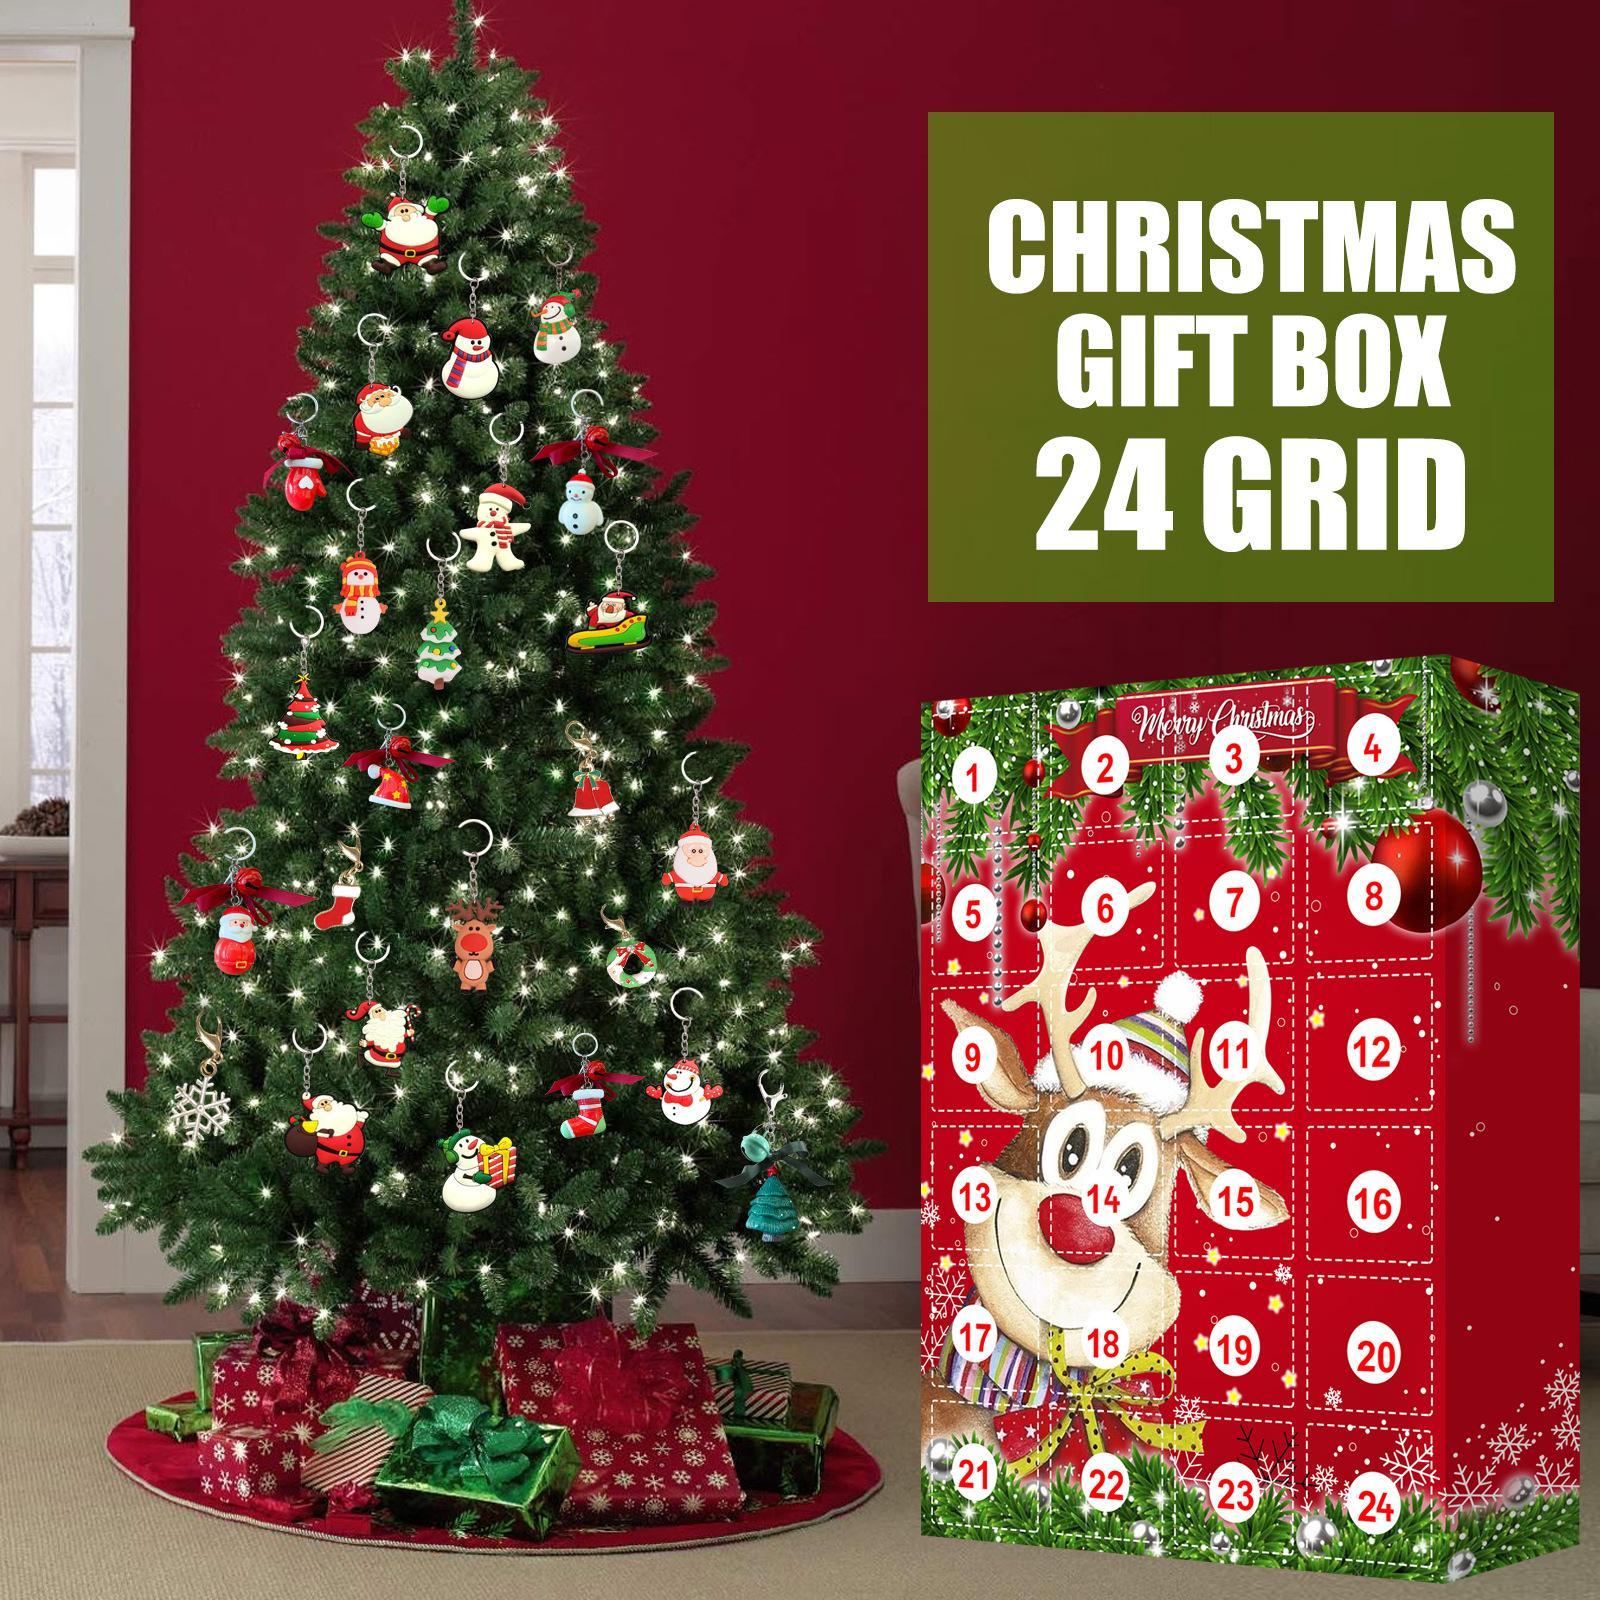 24 Tage Adventskalender mit 24 stücke Hängenden Ornamente Weihnachten Countdown Kalender Blind Box Party Favors Für Weihnachten Urlaub Dekor Kostenloses DHL Schiff HH21-608